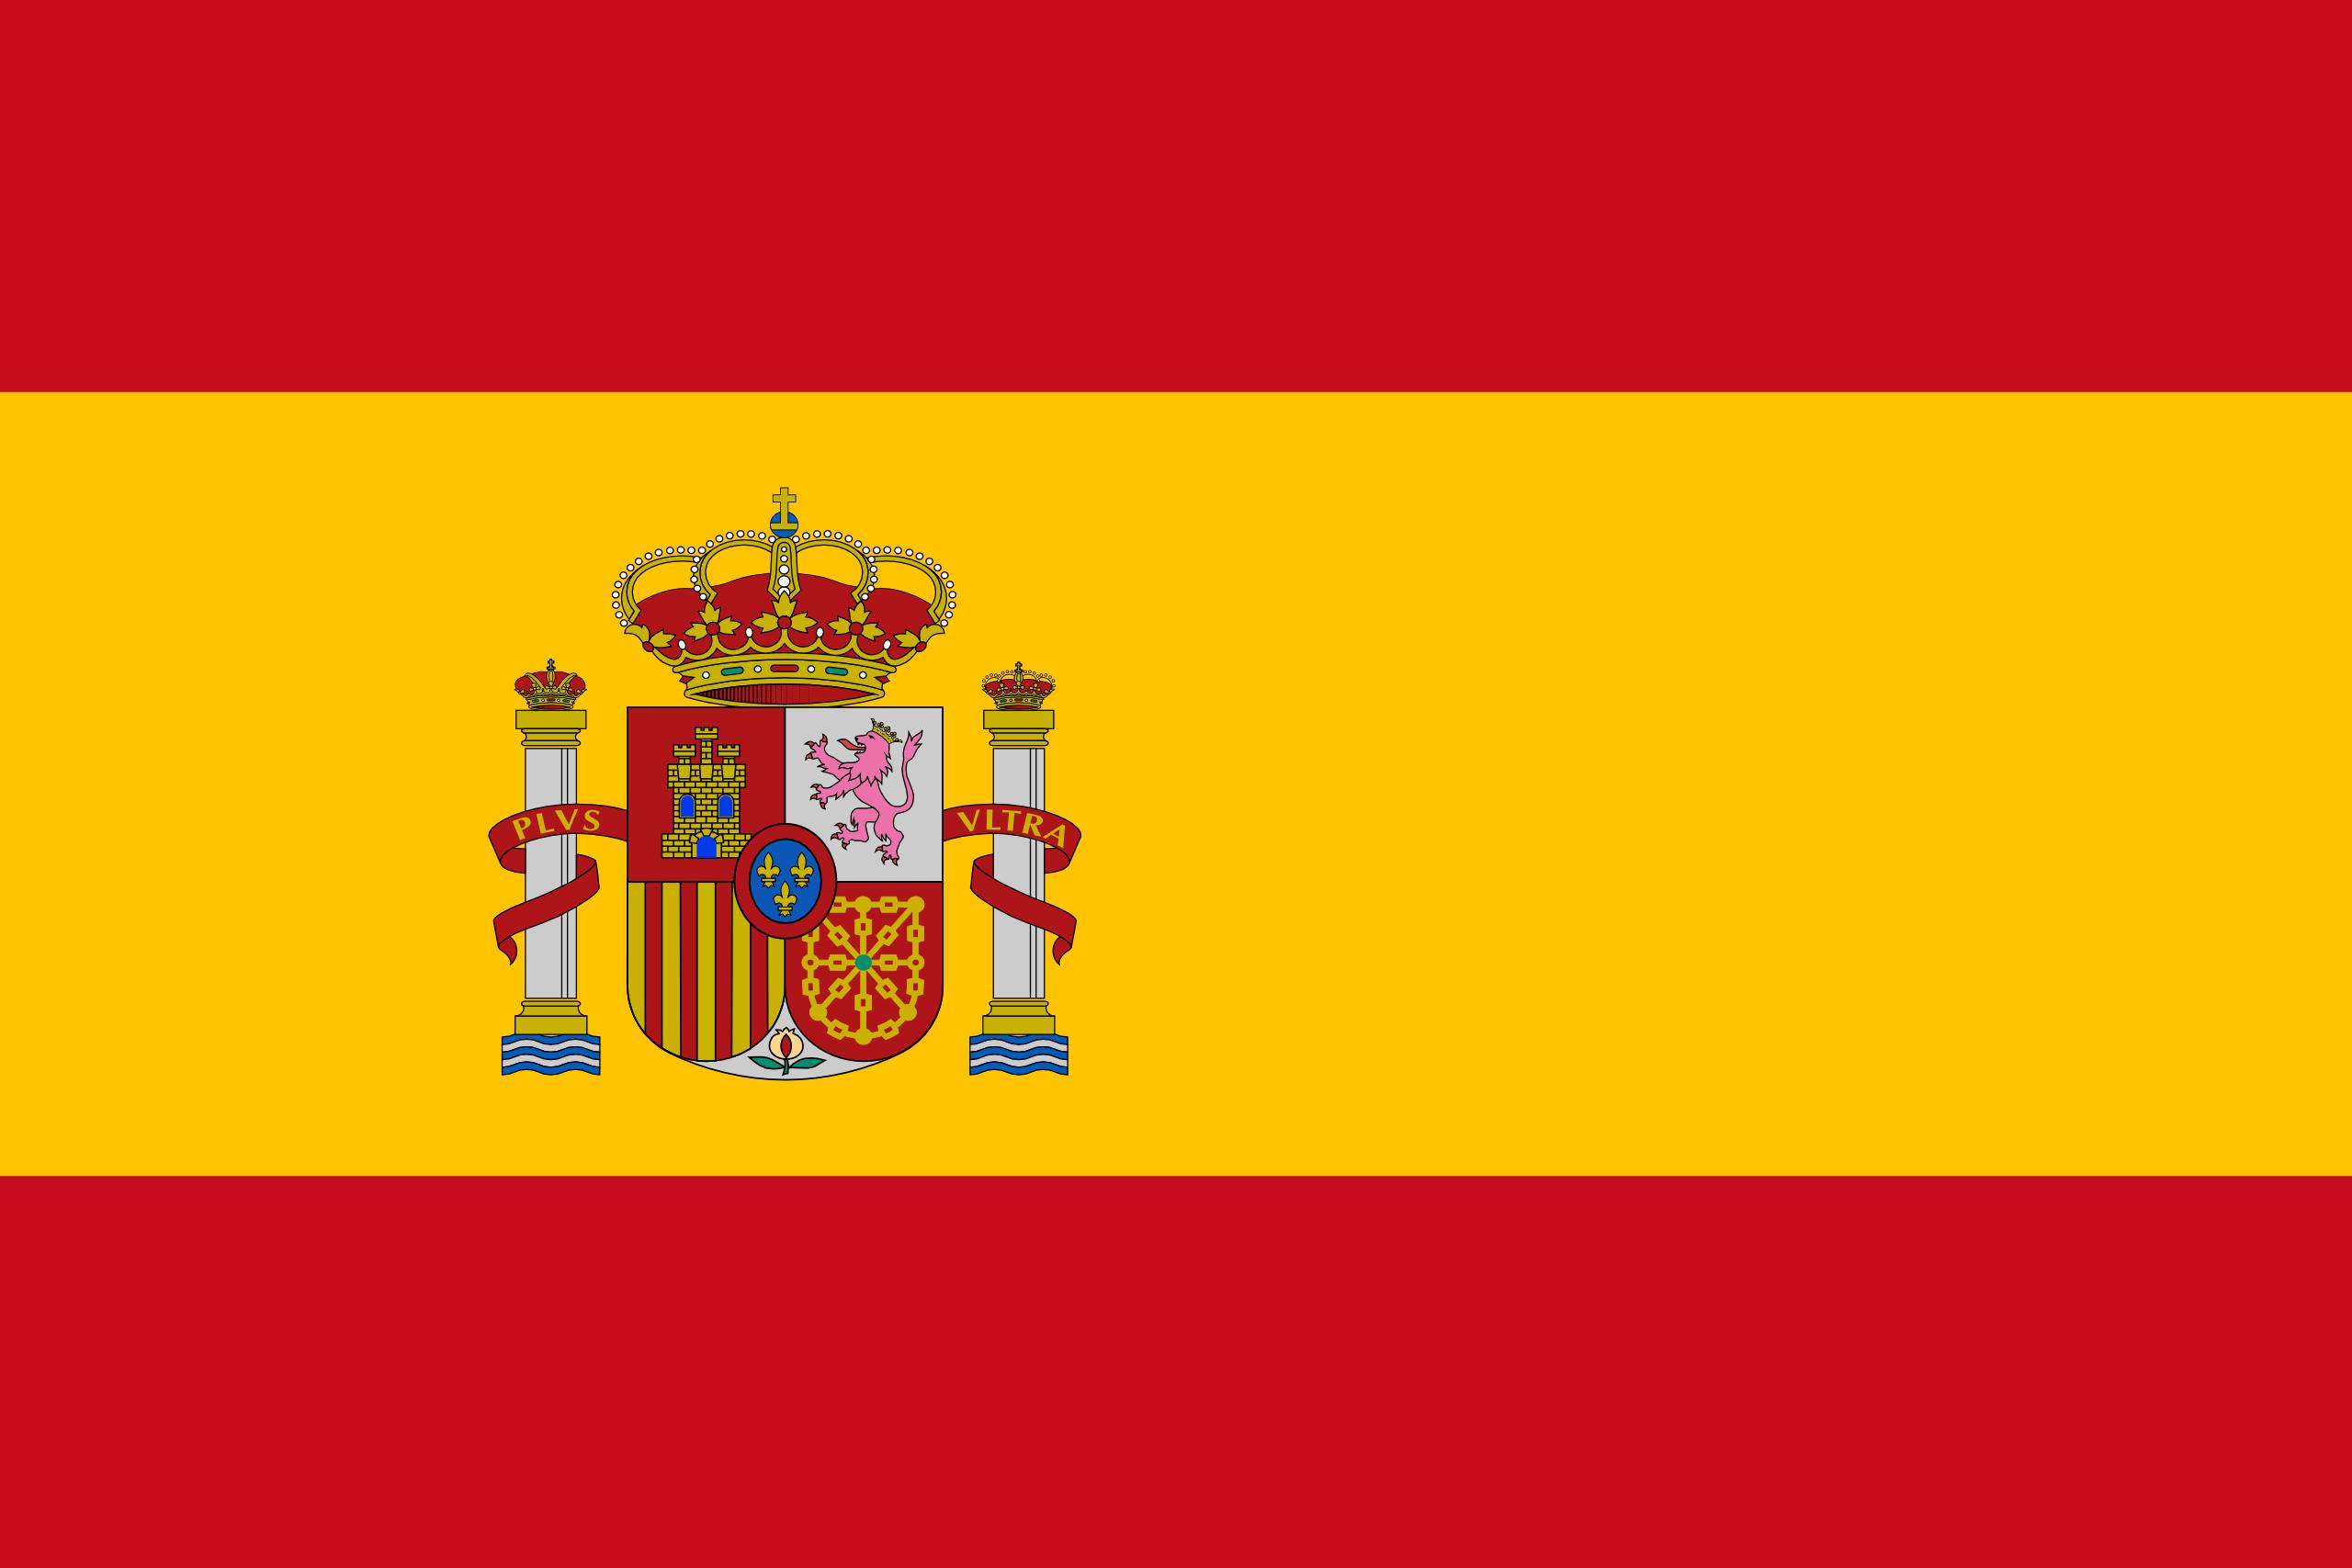 Ισπανία, χώρα, έμβλημα, λογότυπο, σύμβολο - Wallpapers HD - Professor-falken.com